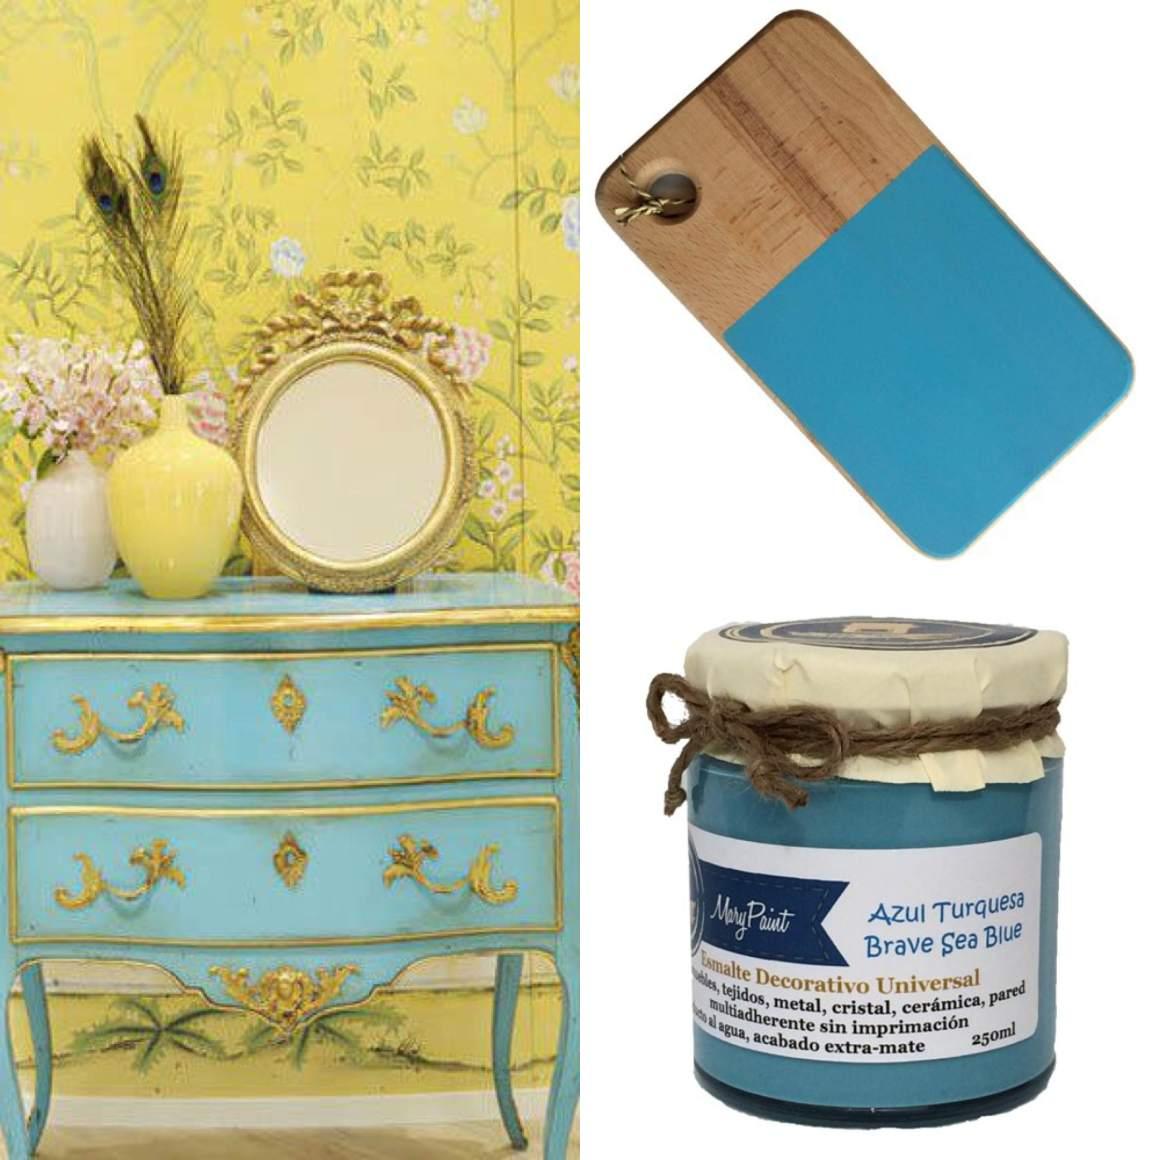 marypaint azul turquesa / brave sea blue